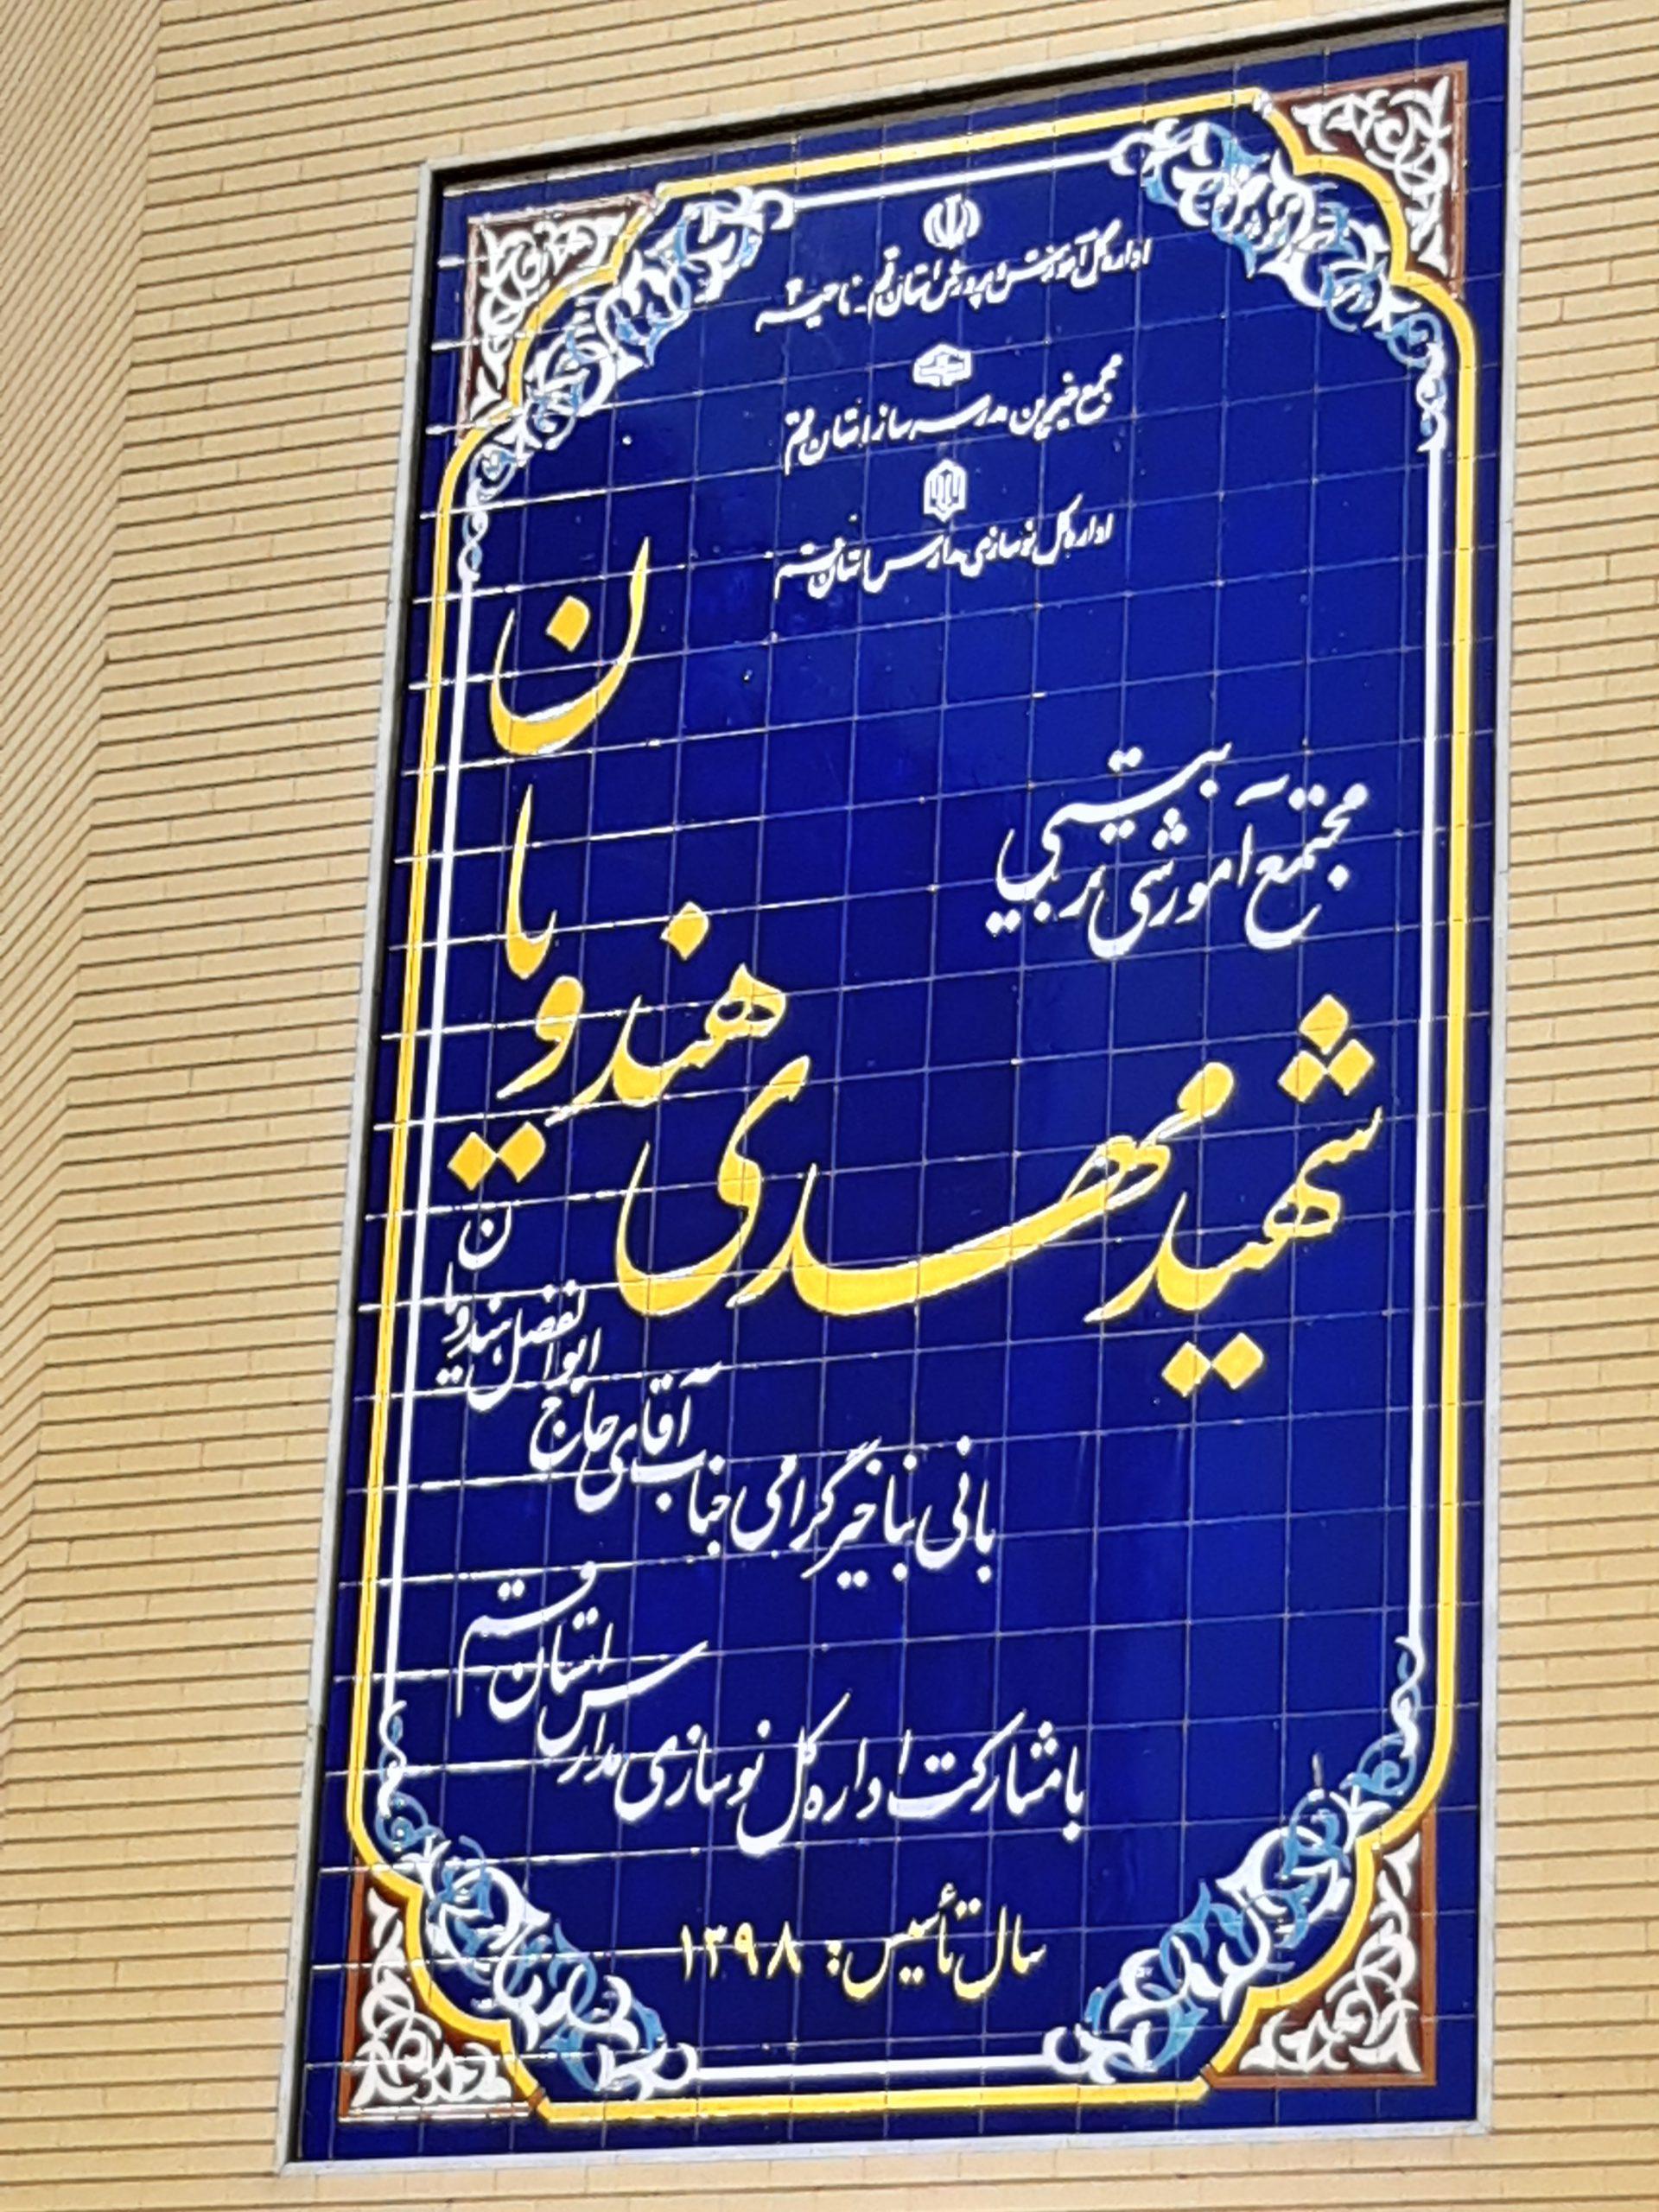 اداره کل آموزش و پرورش استان قم-ناحیه 4